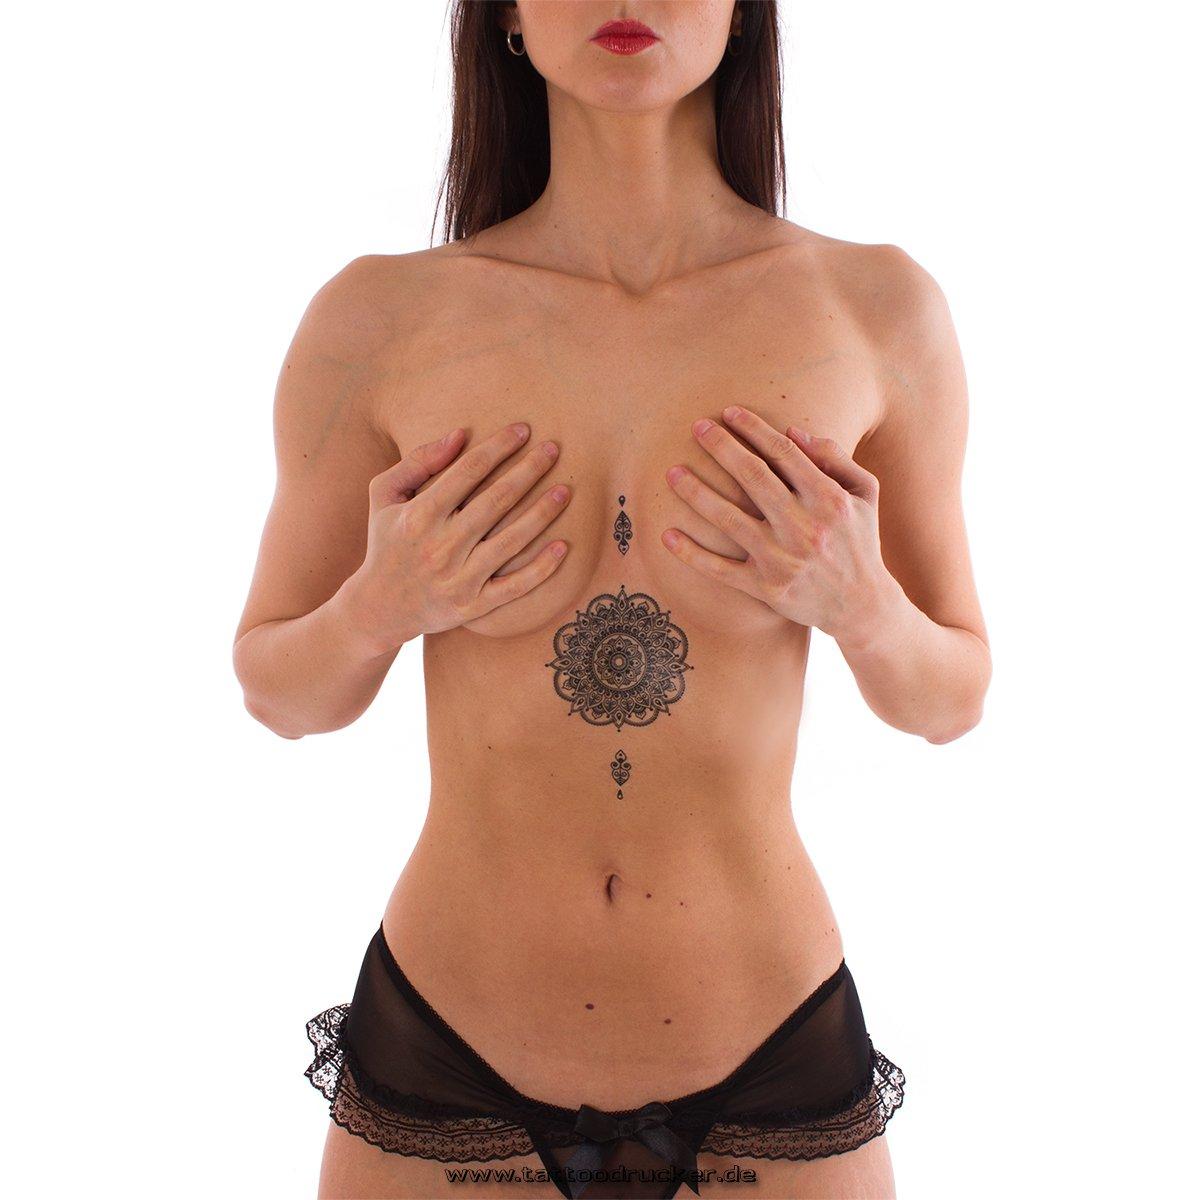 1 Tattoo Mandala Tattoo Negro tatuaje falso Flash Tattoo -Tatuajes temporales(1) Tattoodrucker MandalaTattoo1